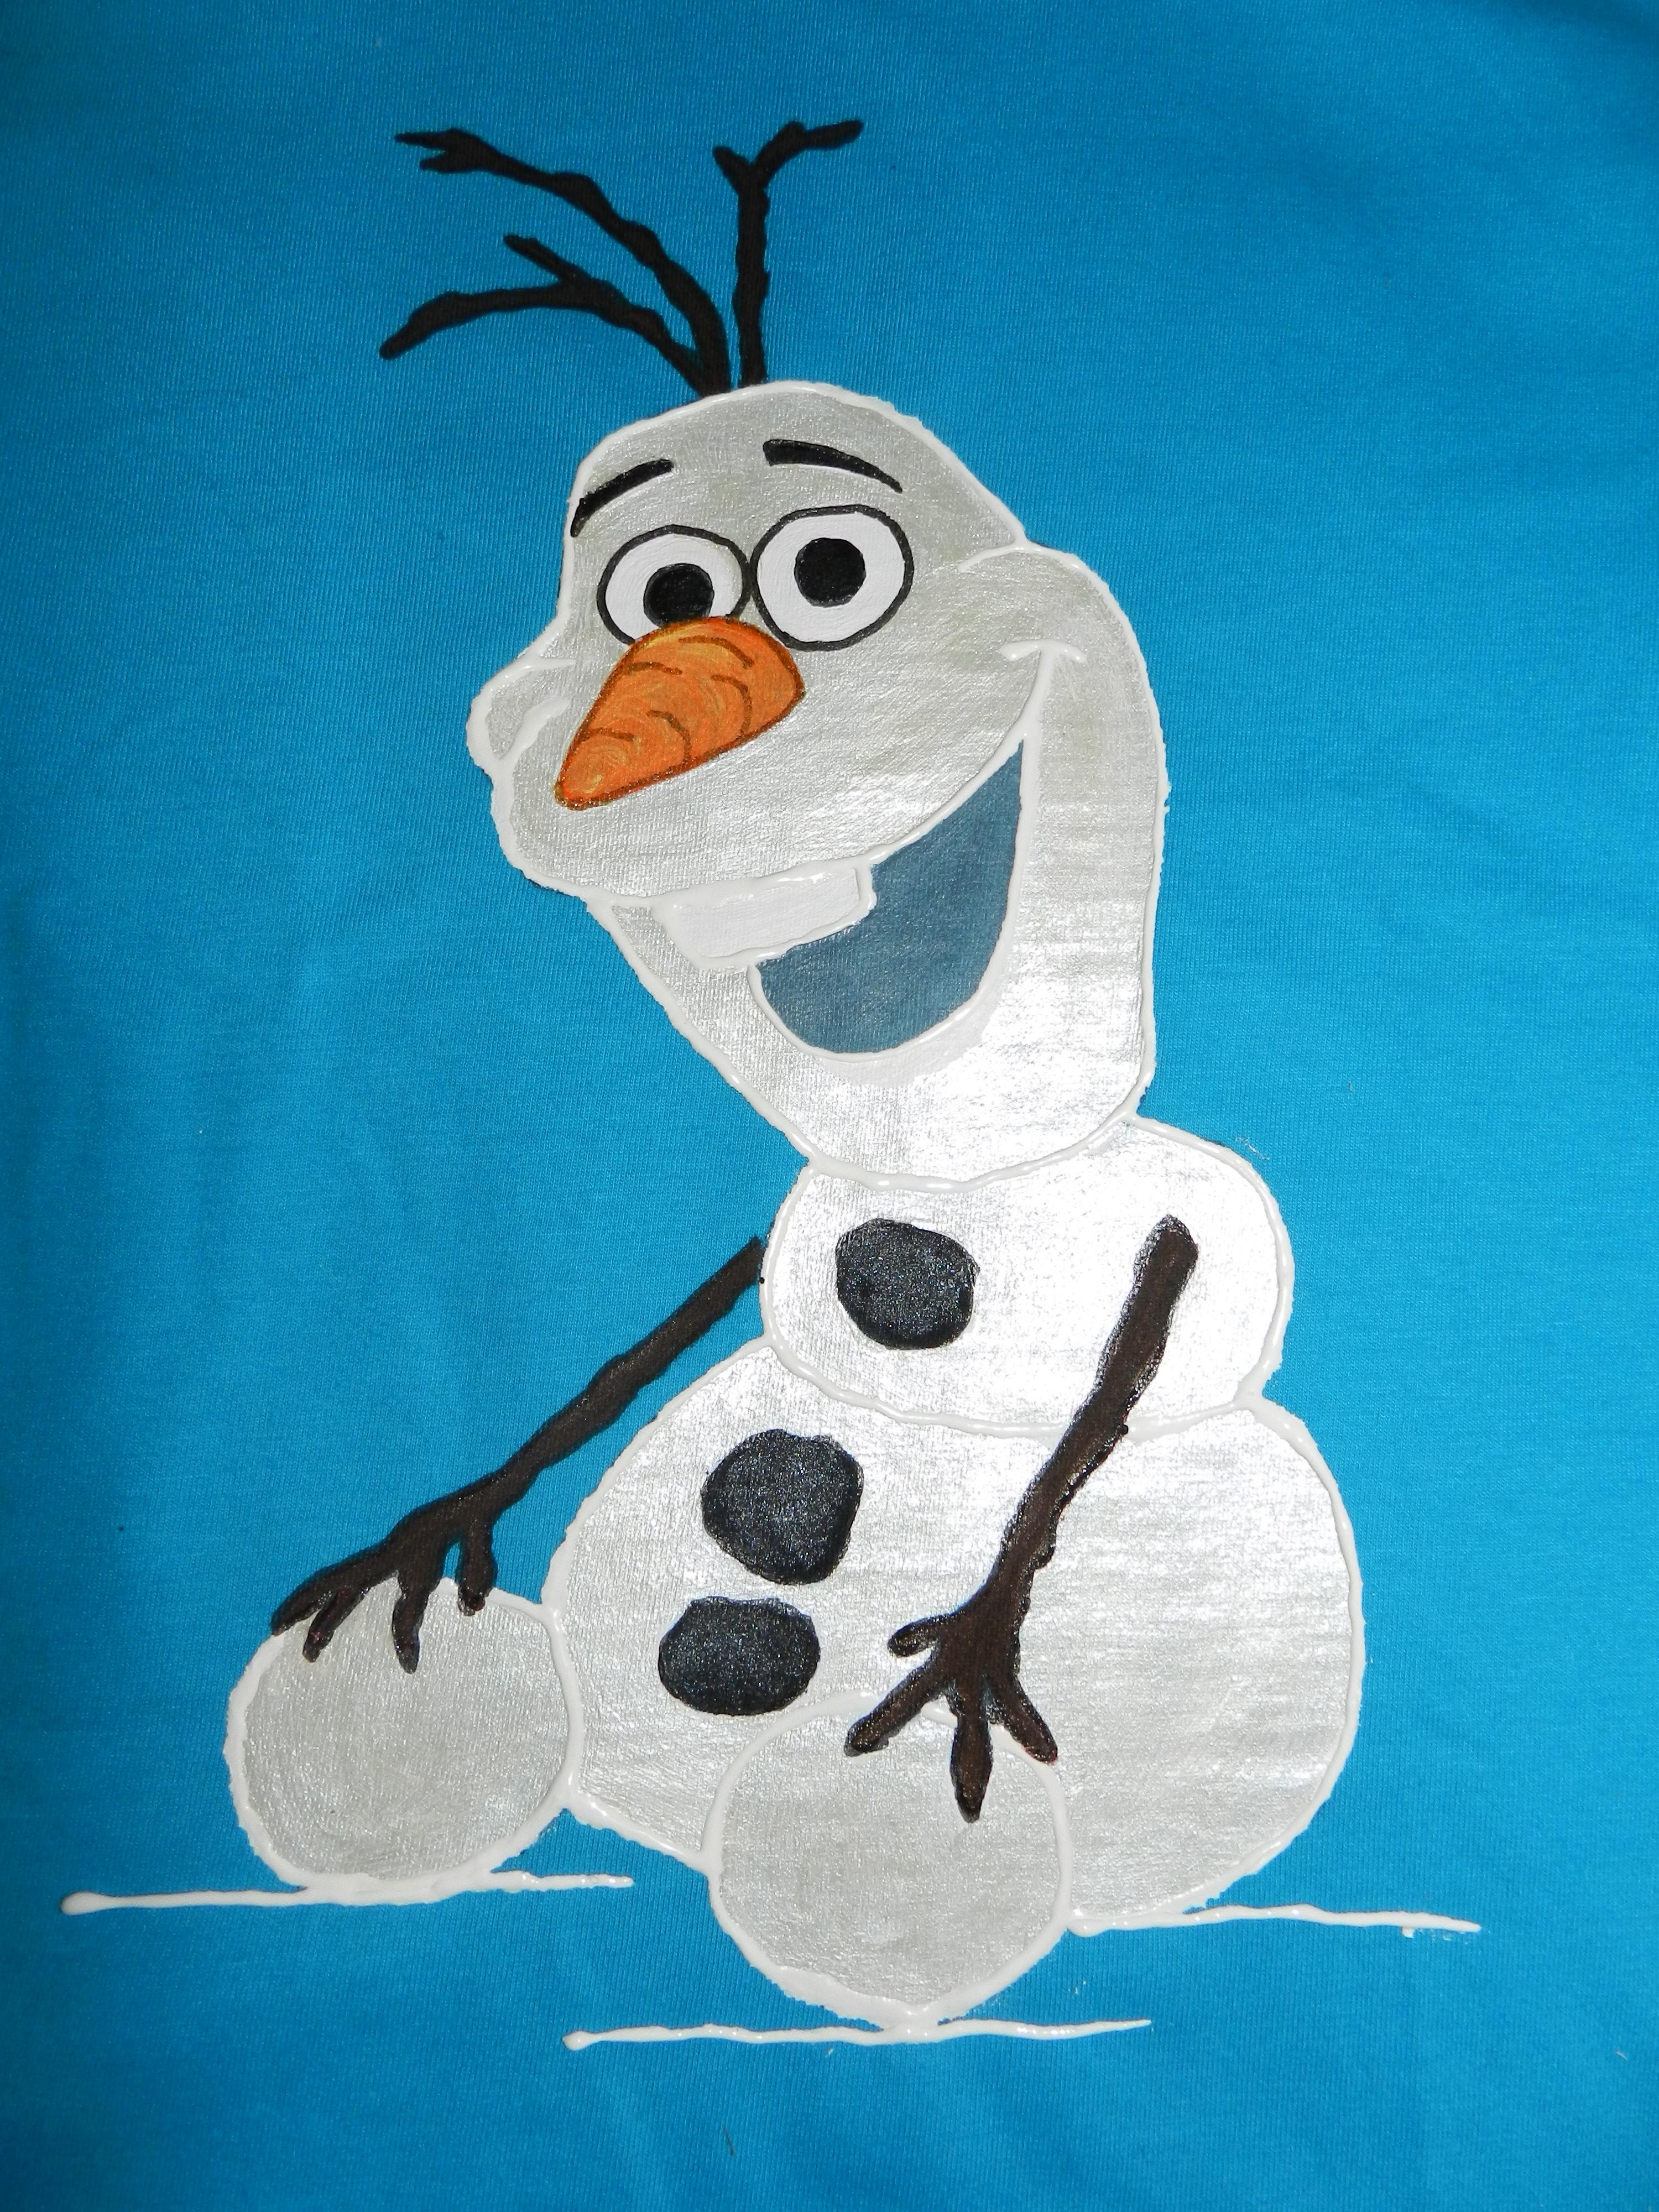 Frozen olaf frozen jpg